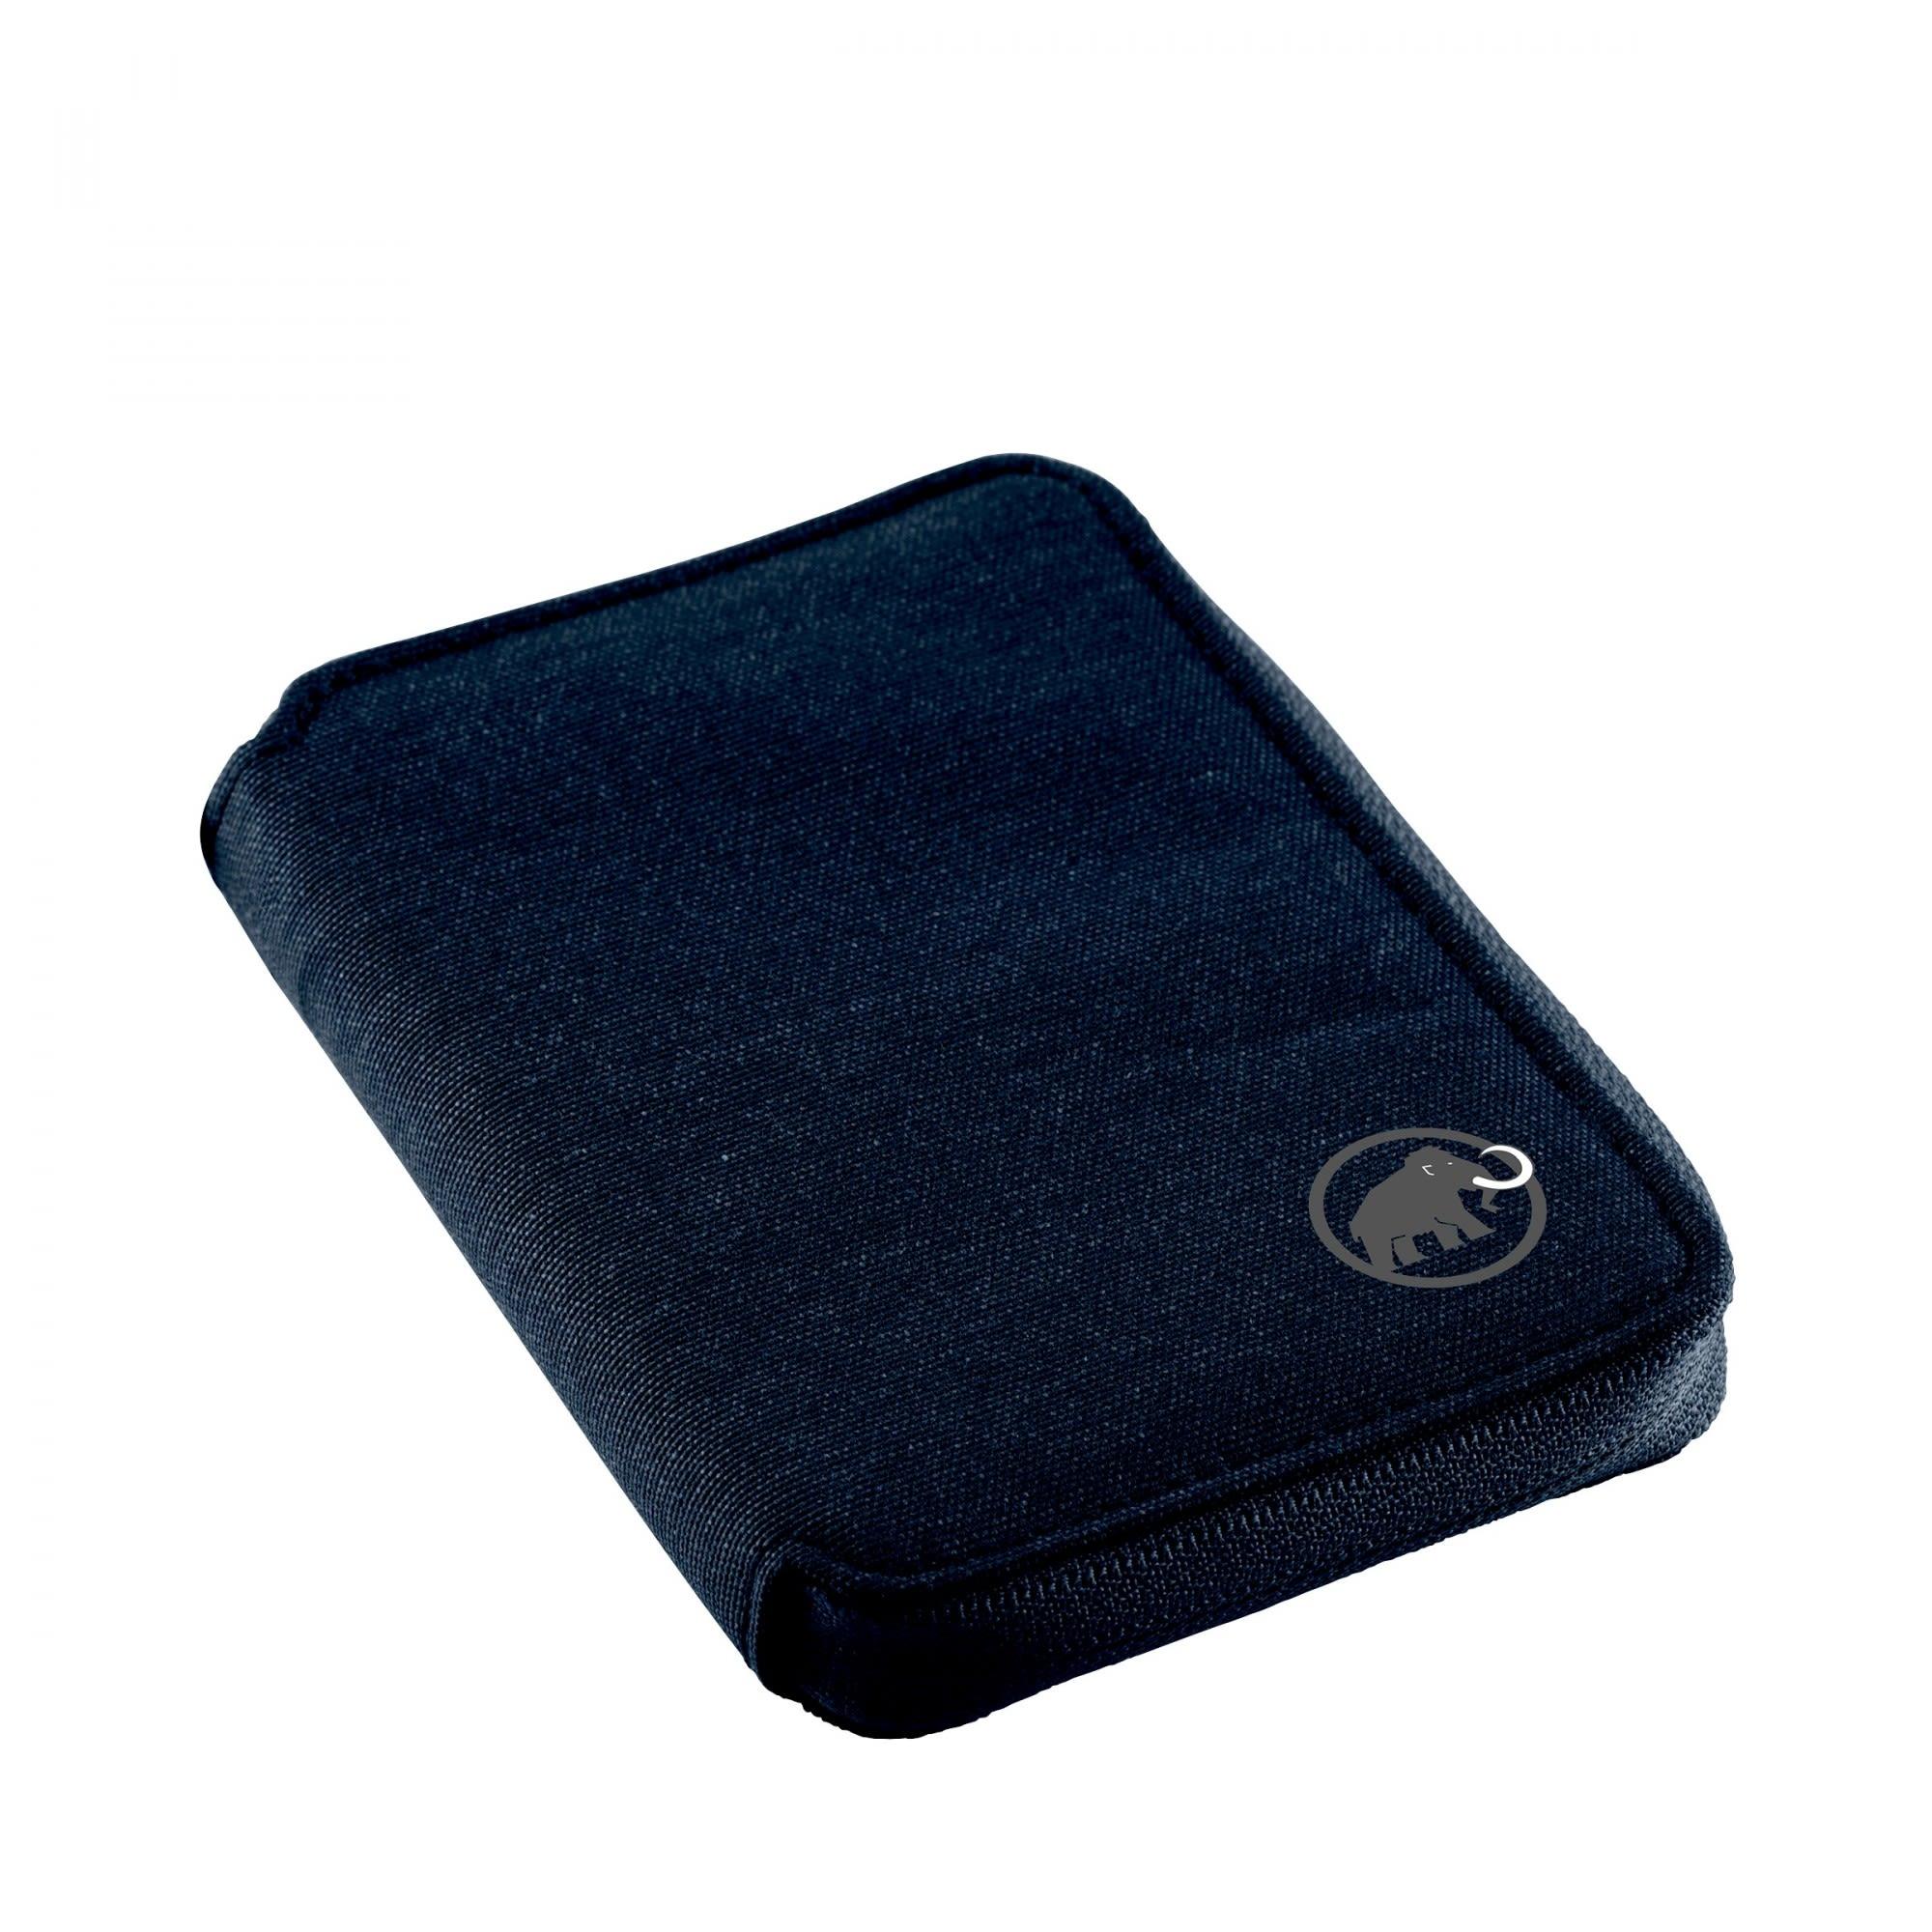 Mammut Zip Wallet Melange | Größe One Size |  Geldbörsen